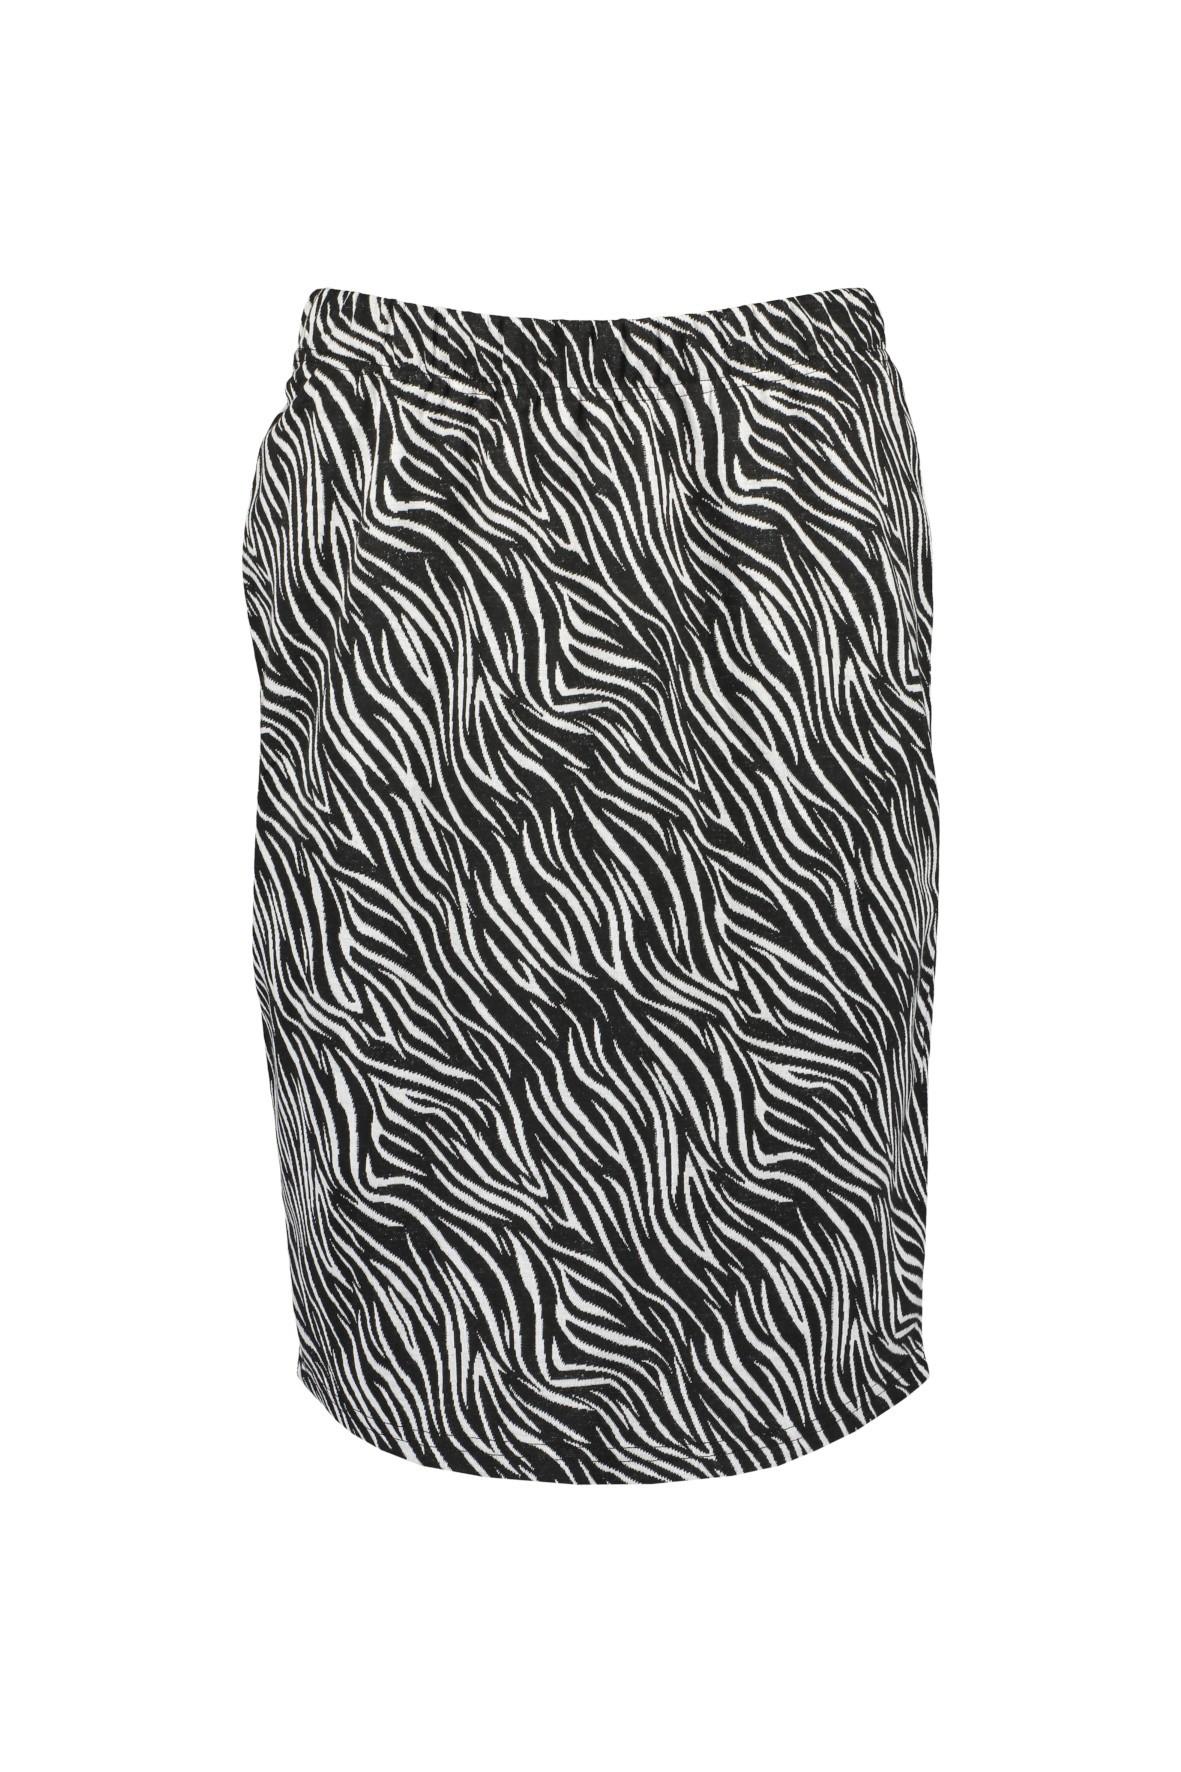 Spódnica damska  -  wzór zebra